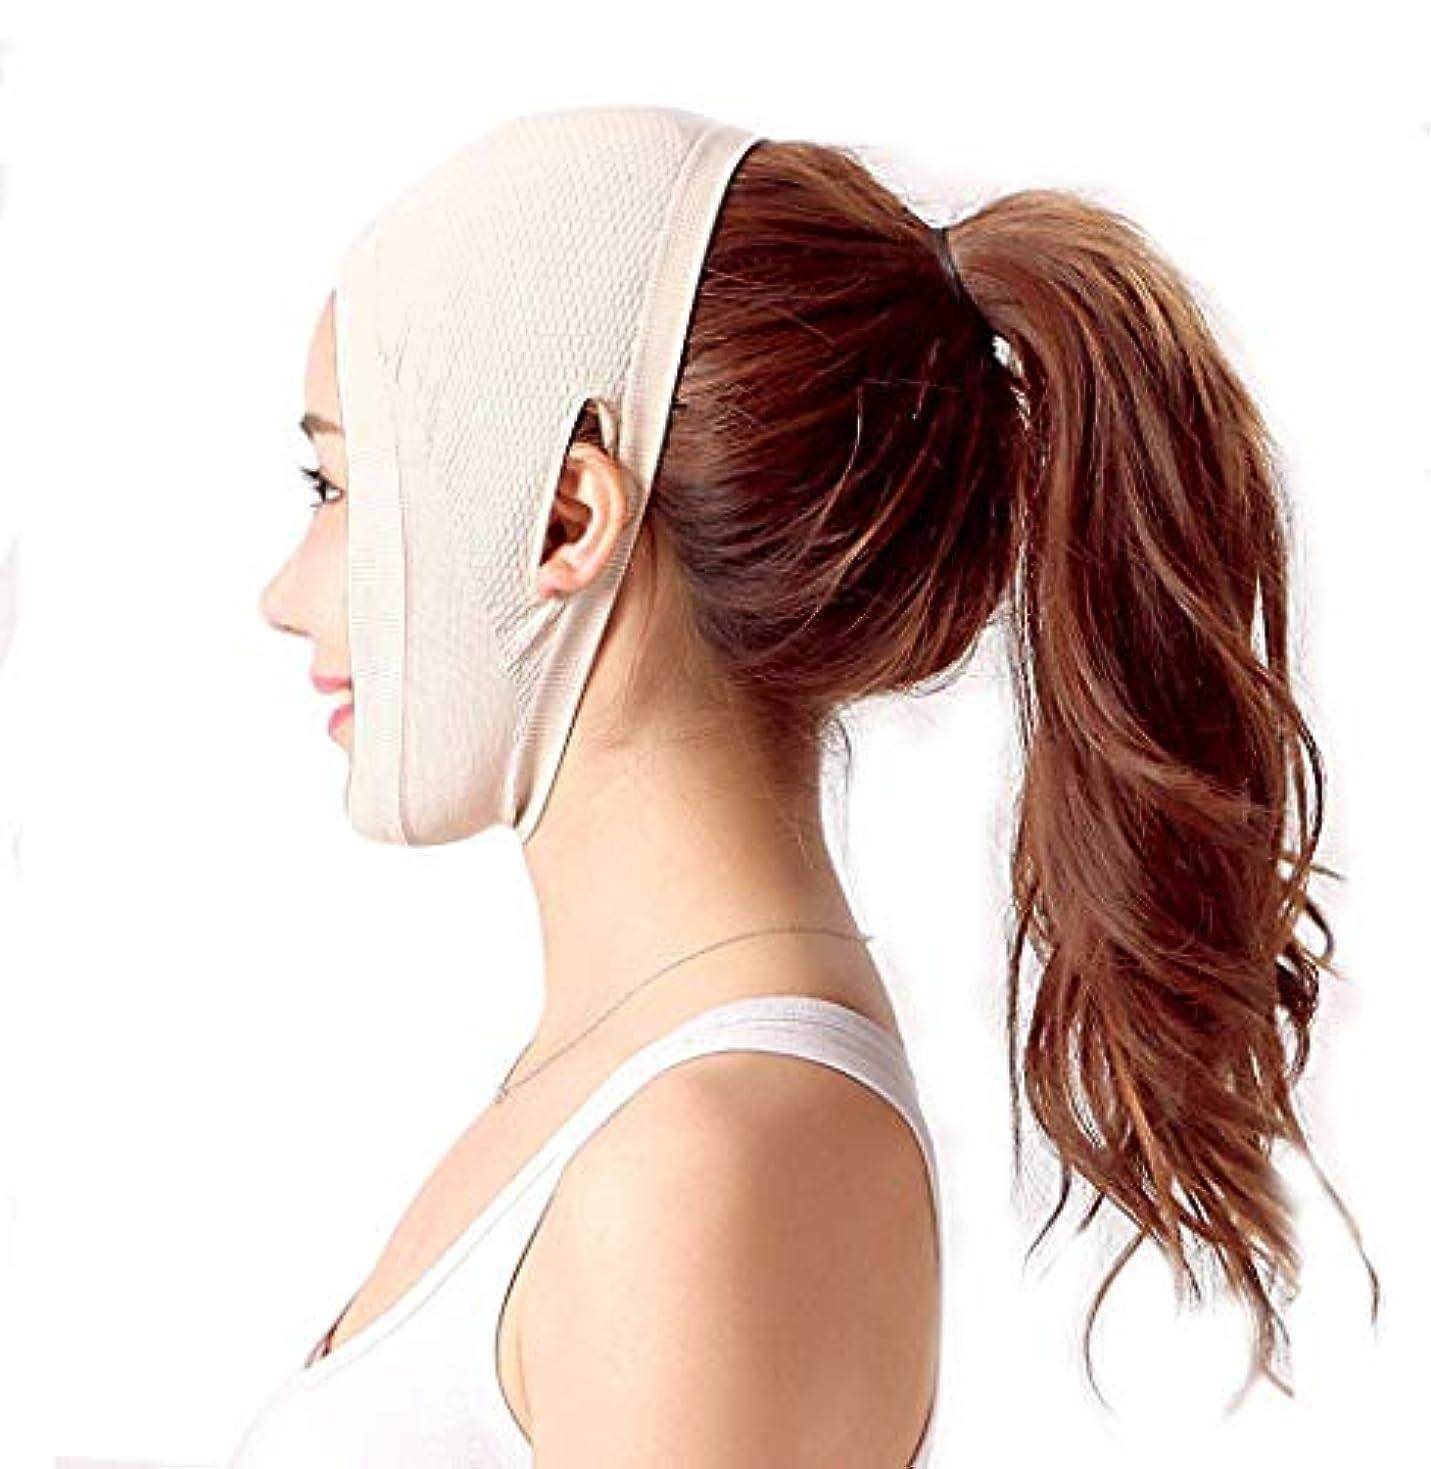 エンドウ求人回復するV顔リフティング包帯薄いフェイスマスク(色:肌のトーン(A))を眠っている整形手術病院ライン彫刻術後回復ヘッドギア医療マスク